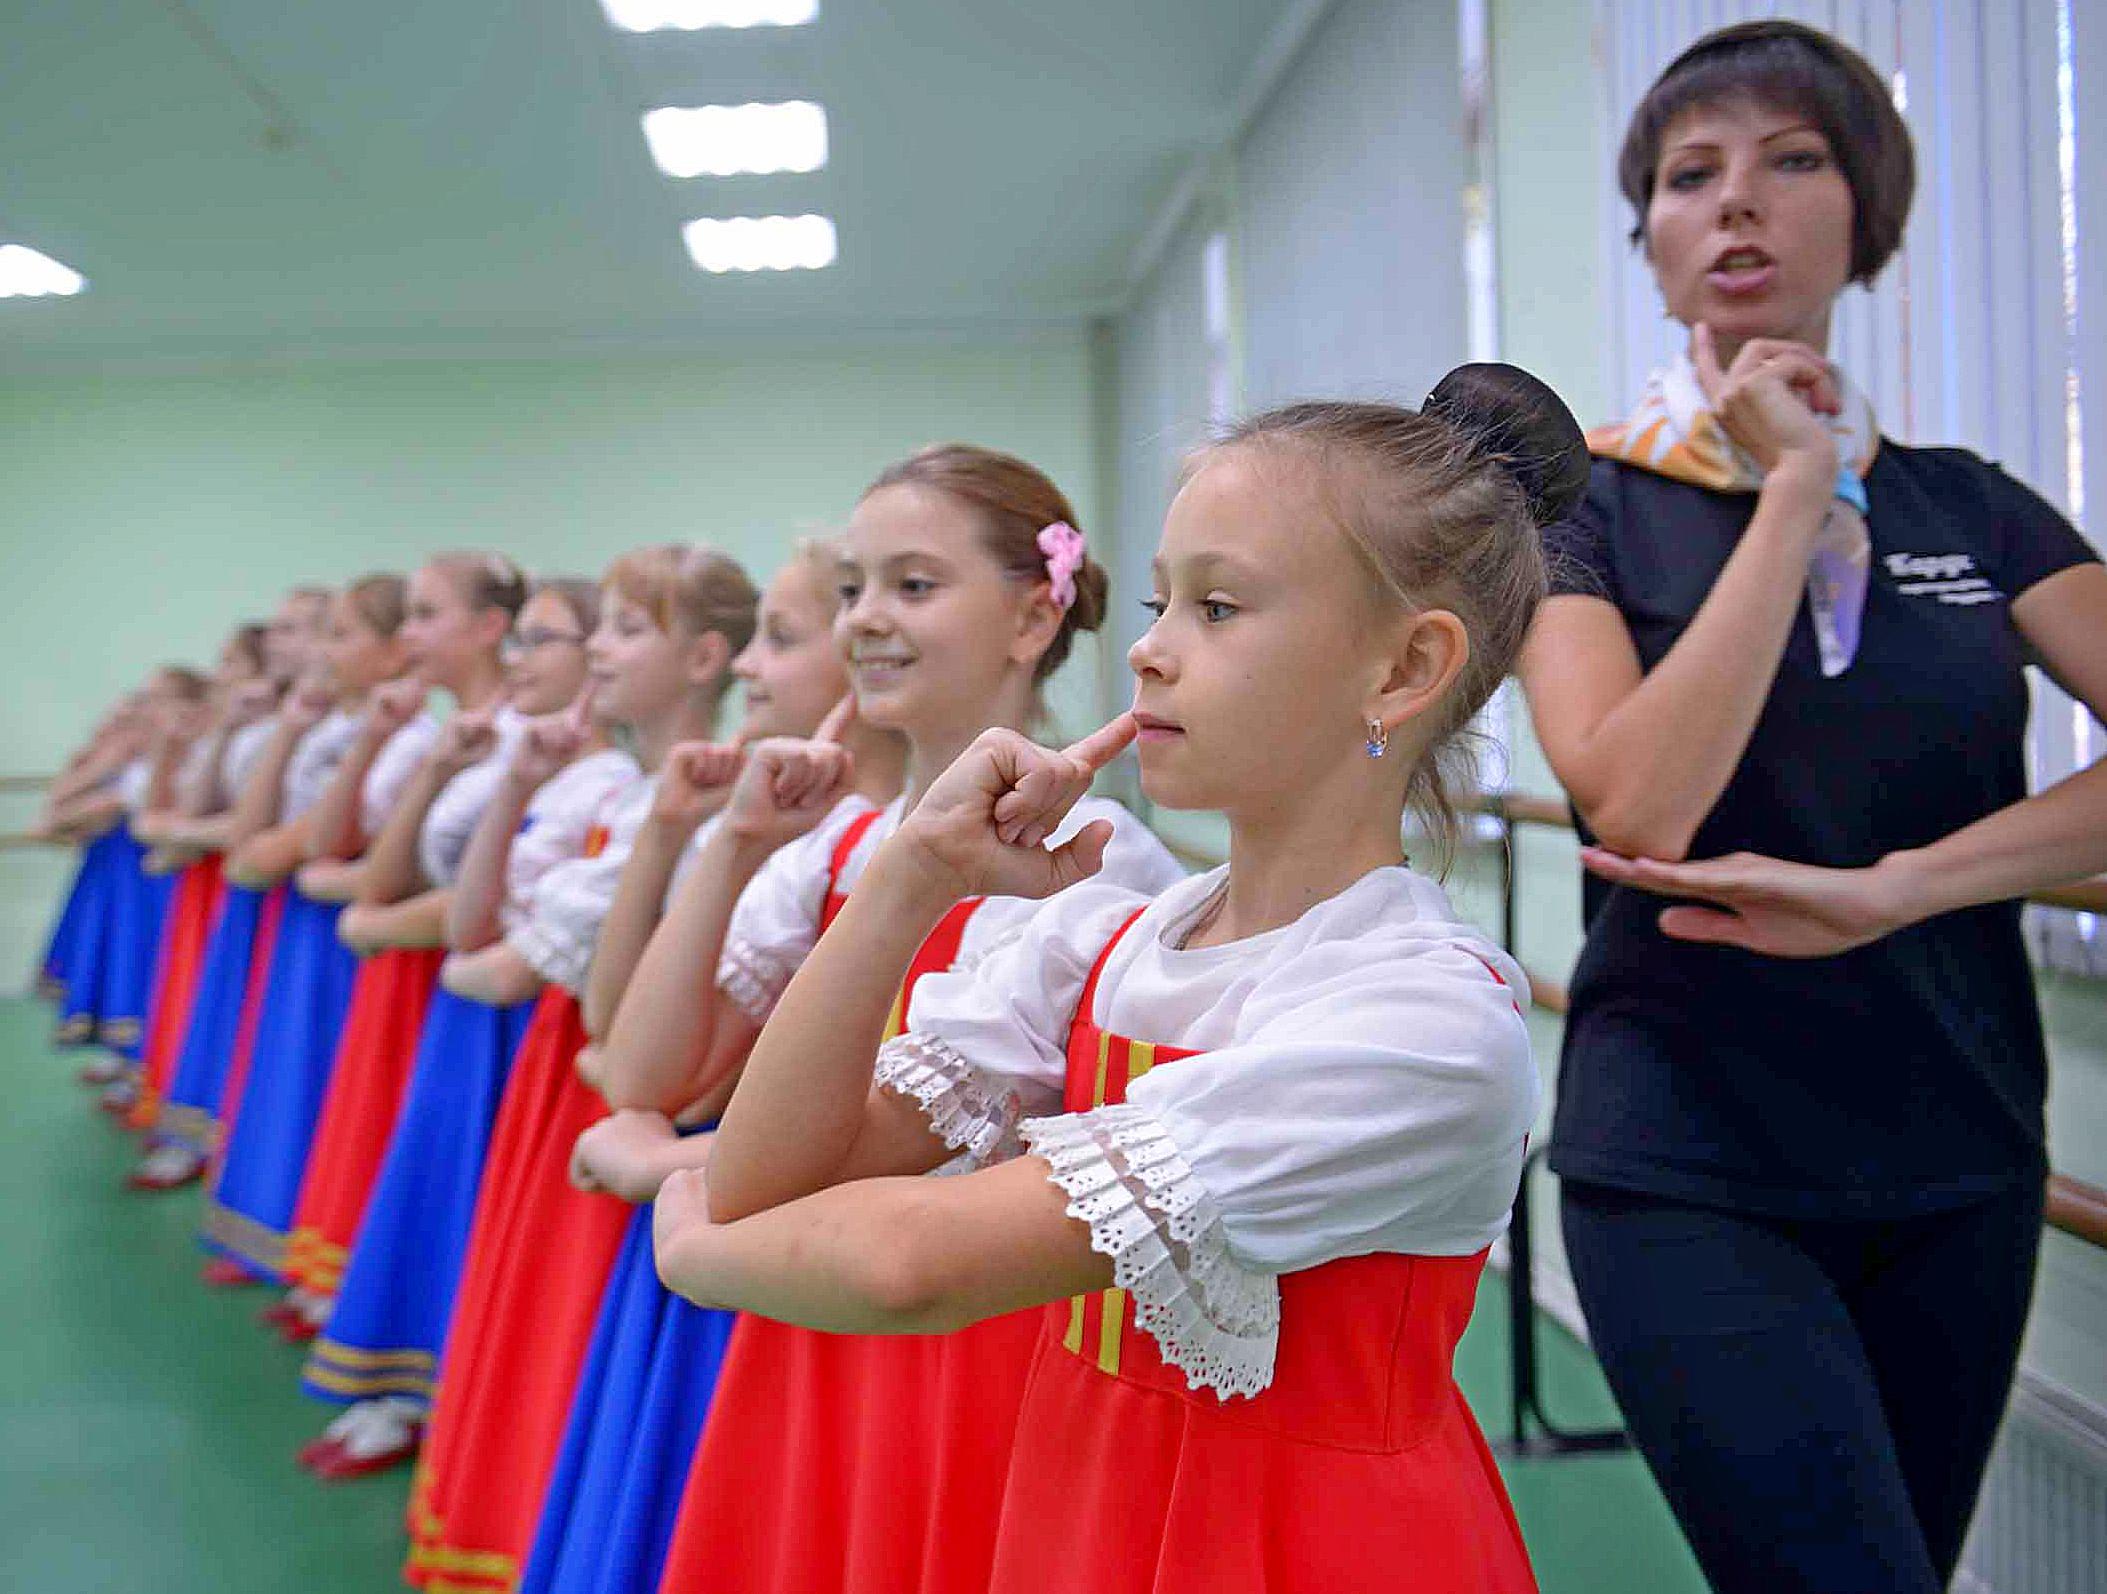 Досуговые комплексы появятся возле новых храмов в Москве